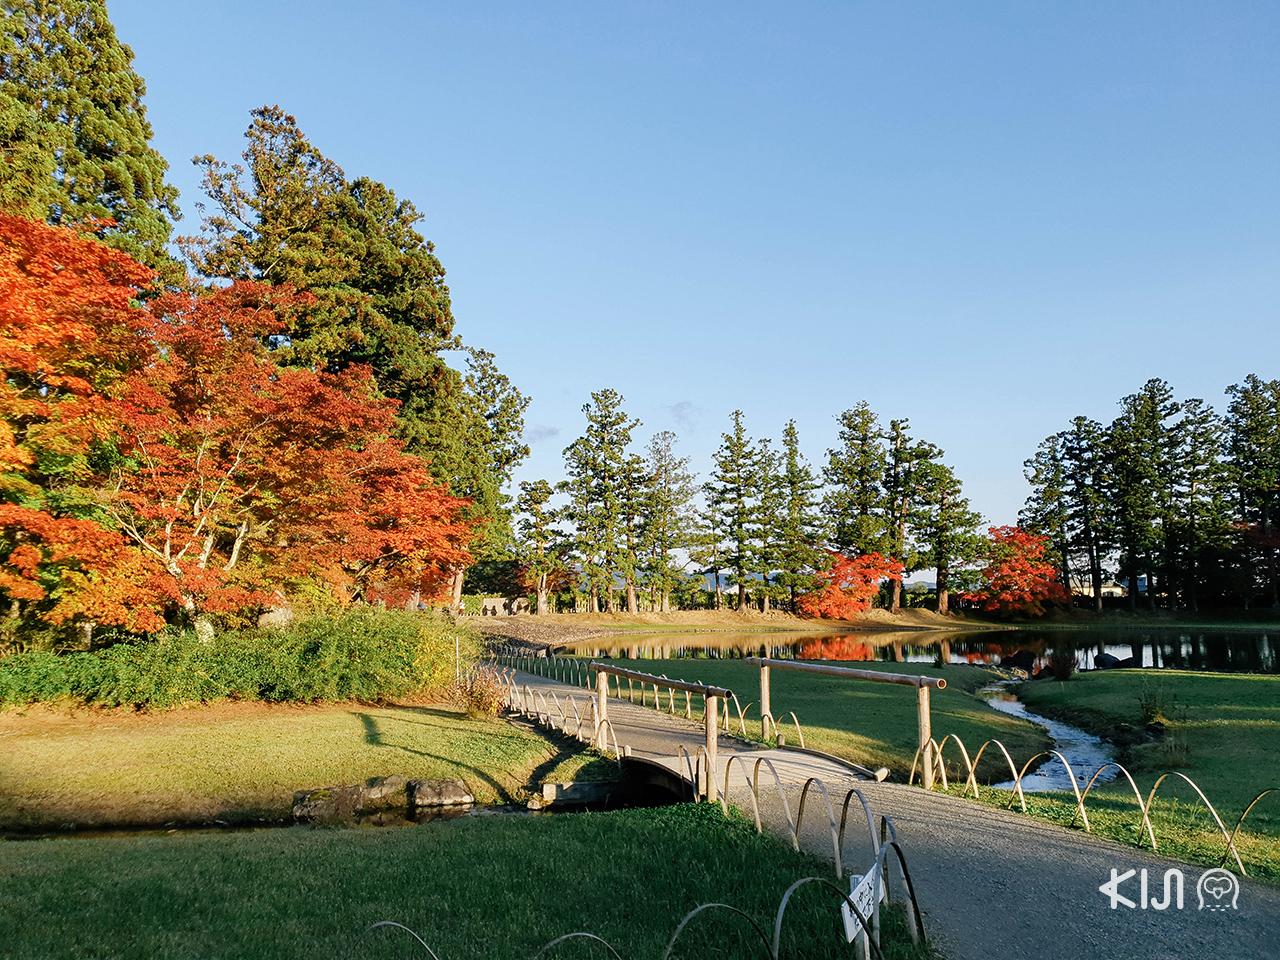 บรรยากาศ ใบไม้เปลี่ยนสี ใน โทโฮคุ : วัดโมสึจิ (Motsuji Temple)